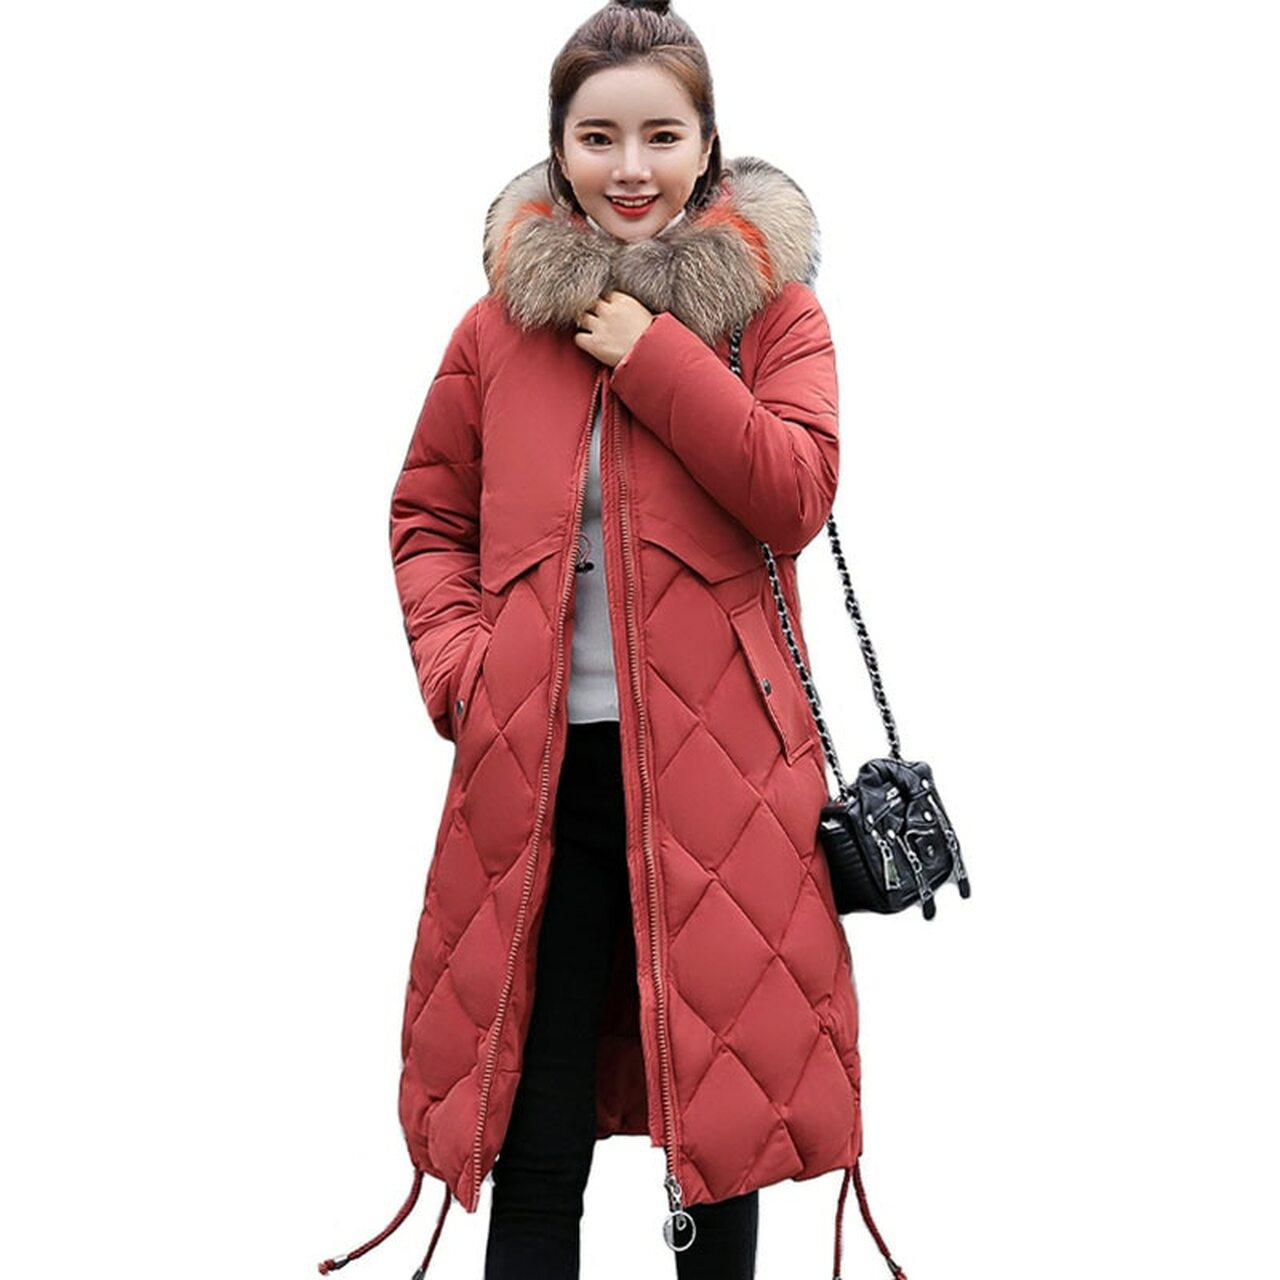 293ee0020ea ... Plus Size Winter Women Jacket Coat Big Fur Hooded Warm Winter Parka  Jackets Long Thicken Down ...